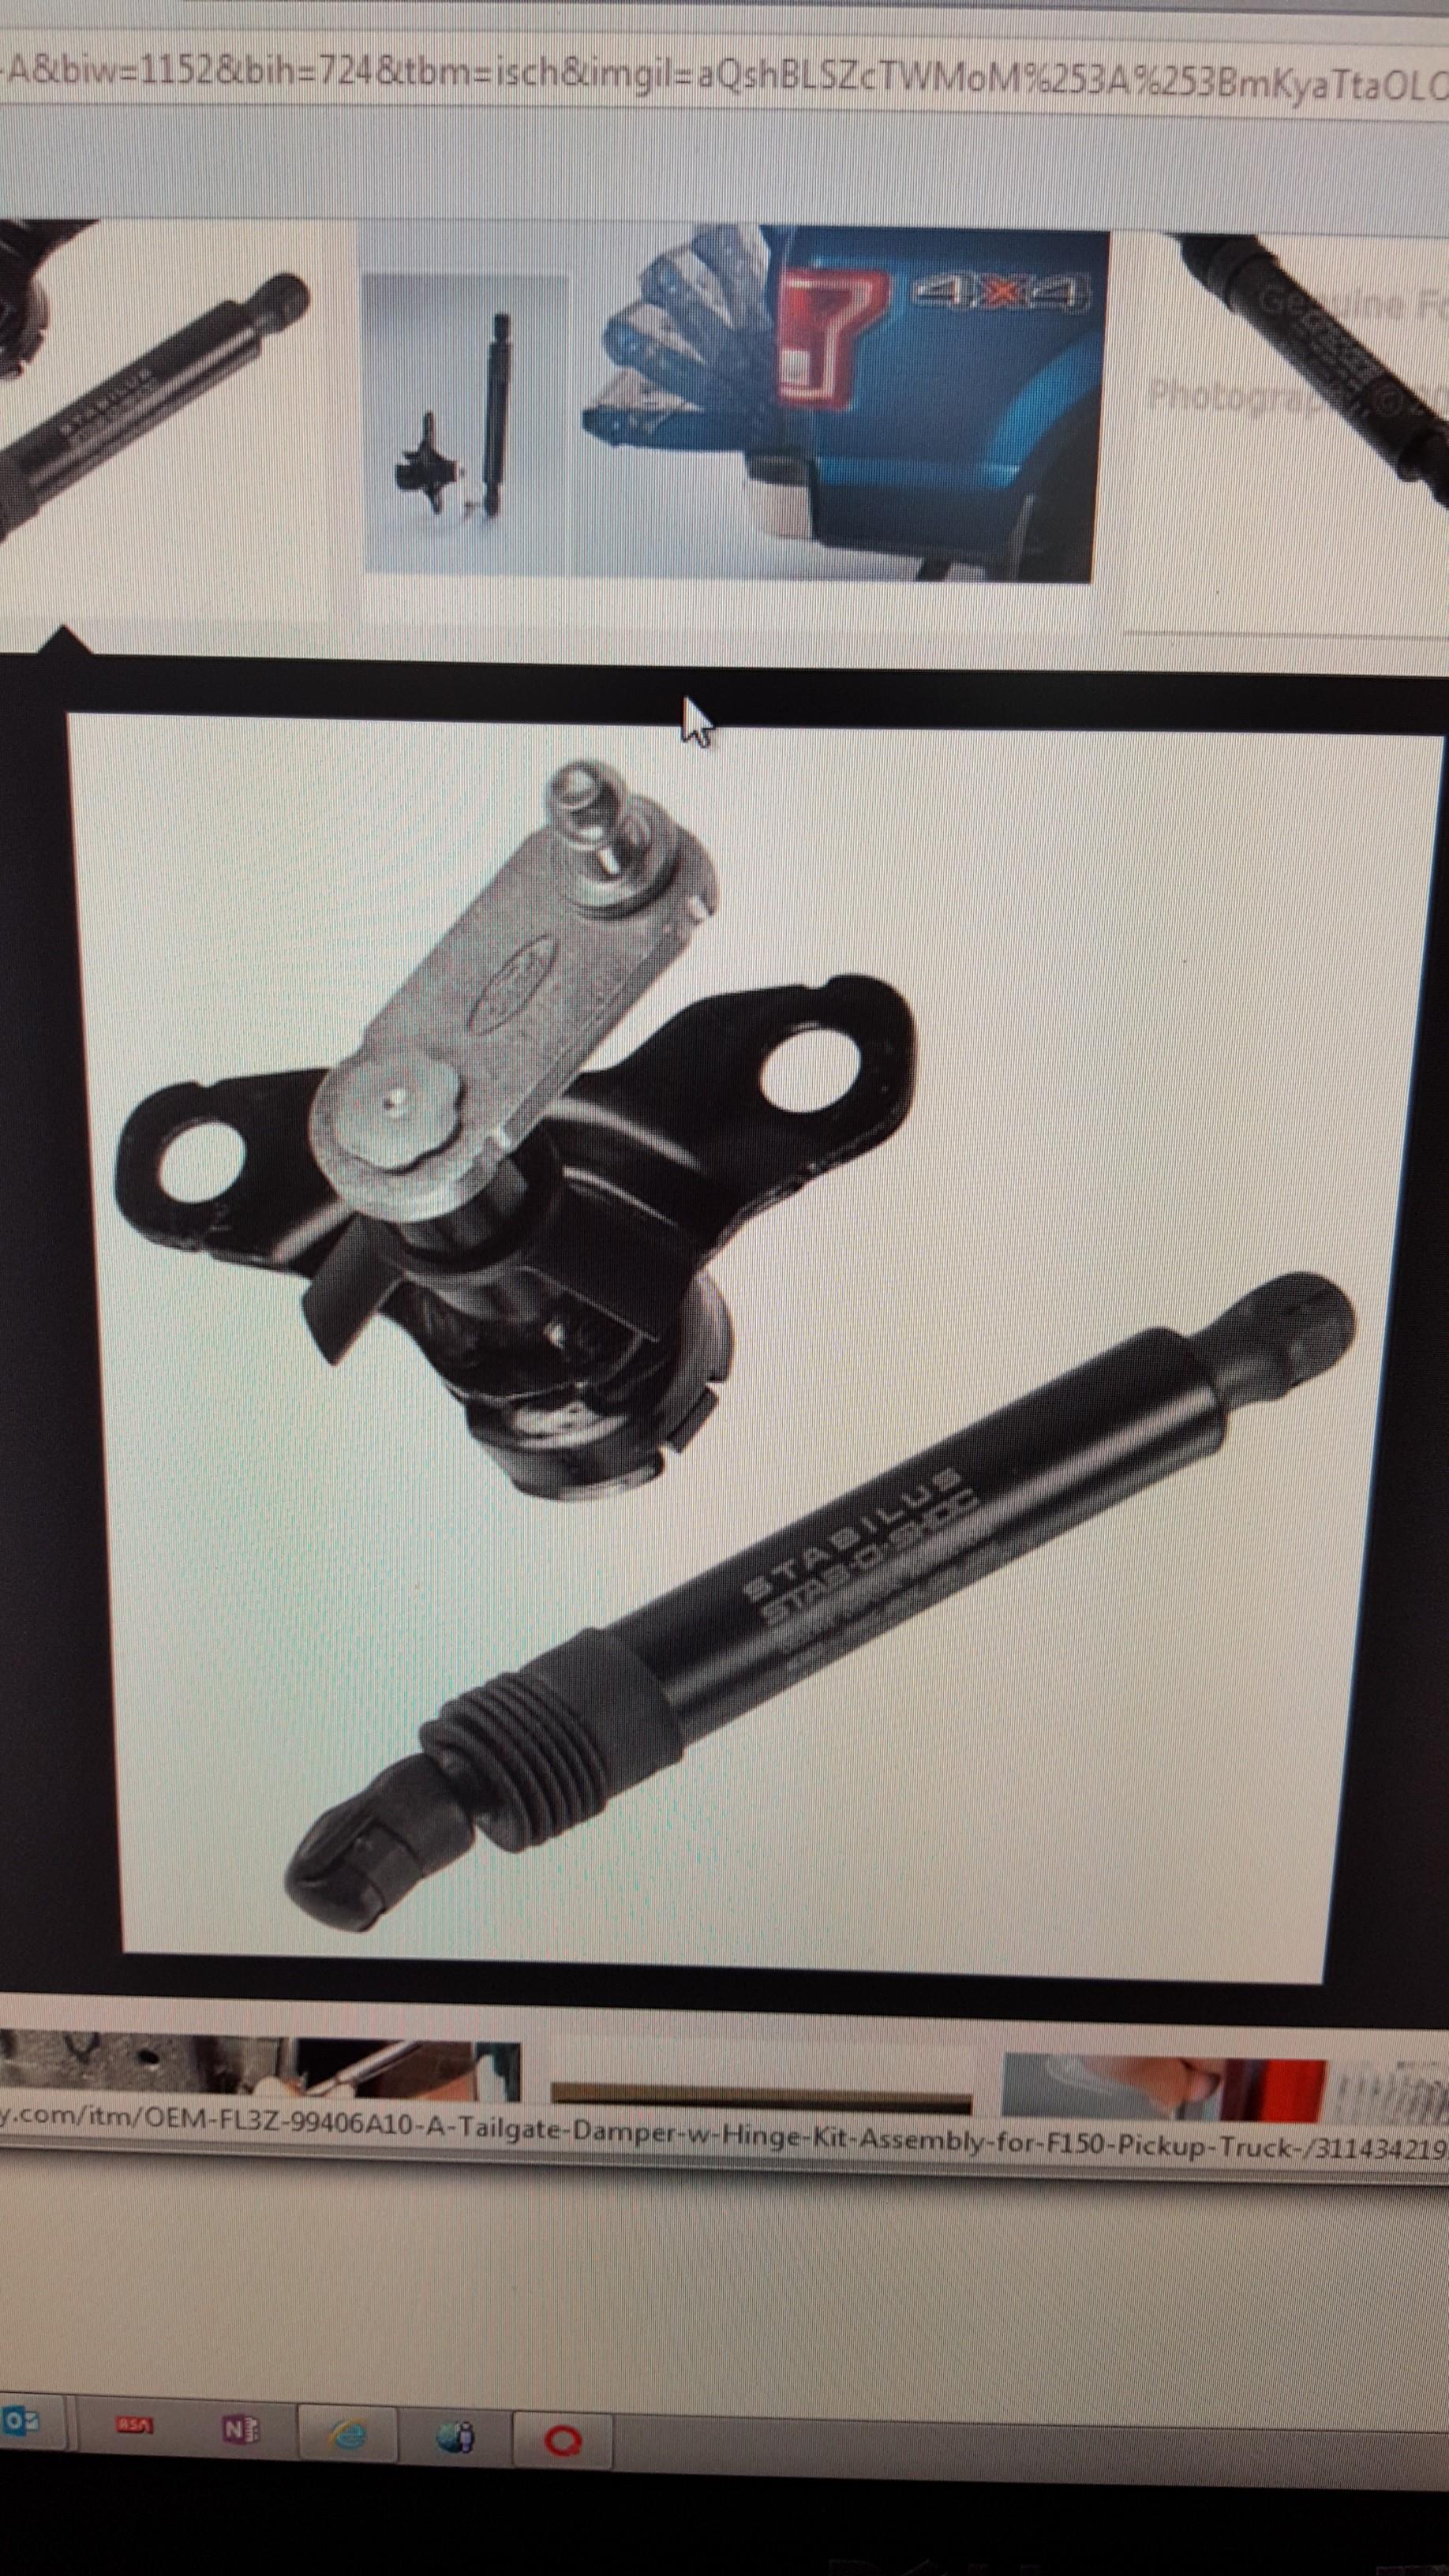 Ford Trailer Backup Assist >> Ford OEM Tailgate-Damper-Assist FL3Z-99406A10-A